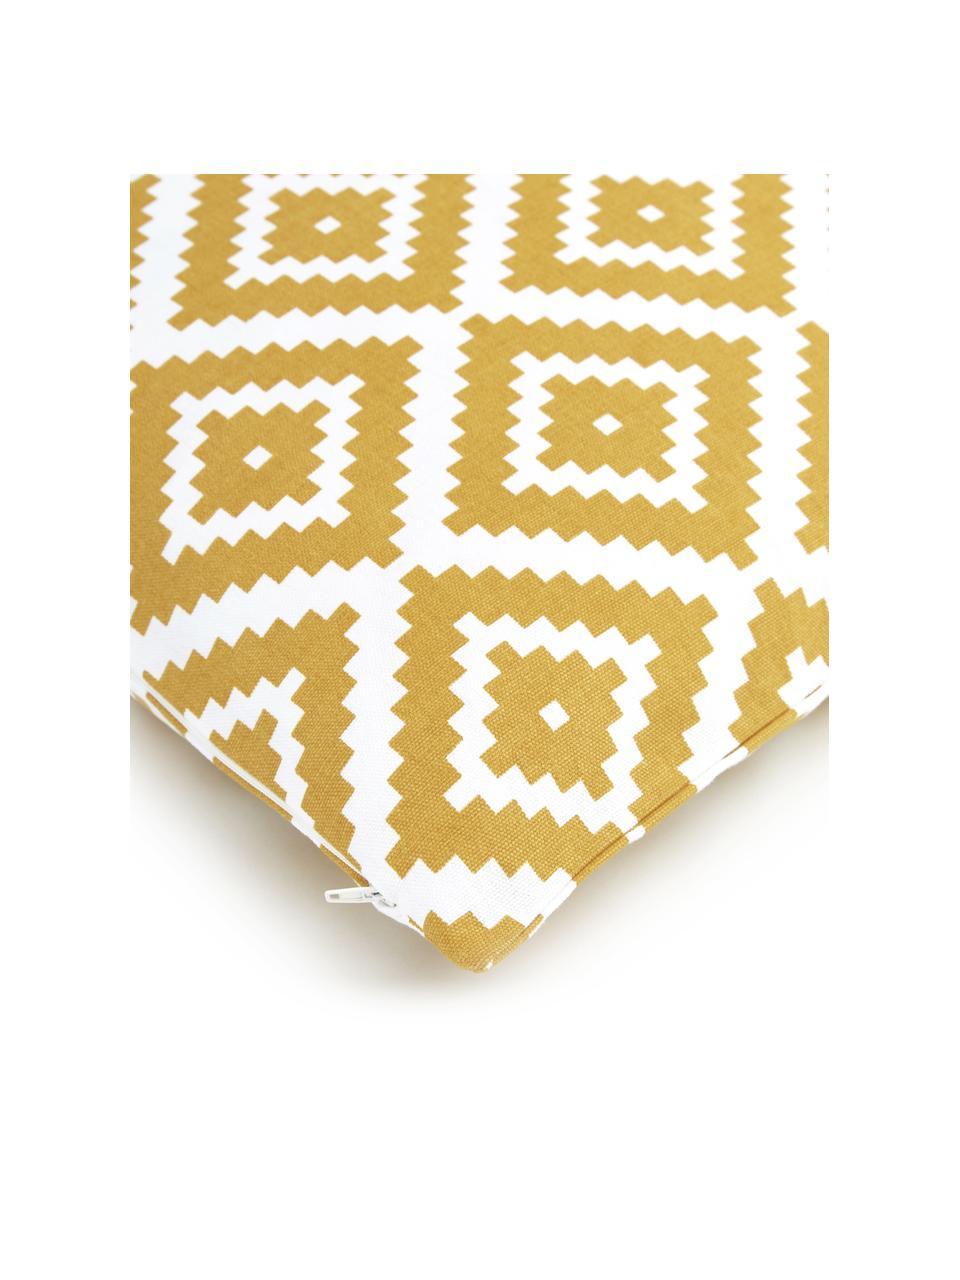 Kissenhülle Miami in Gelb/Weiß, 100% Baumwolle, Gelb, 45 x 45 cm